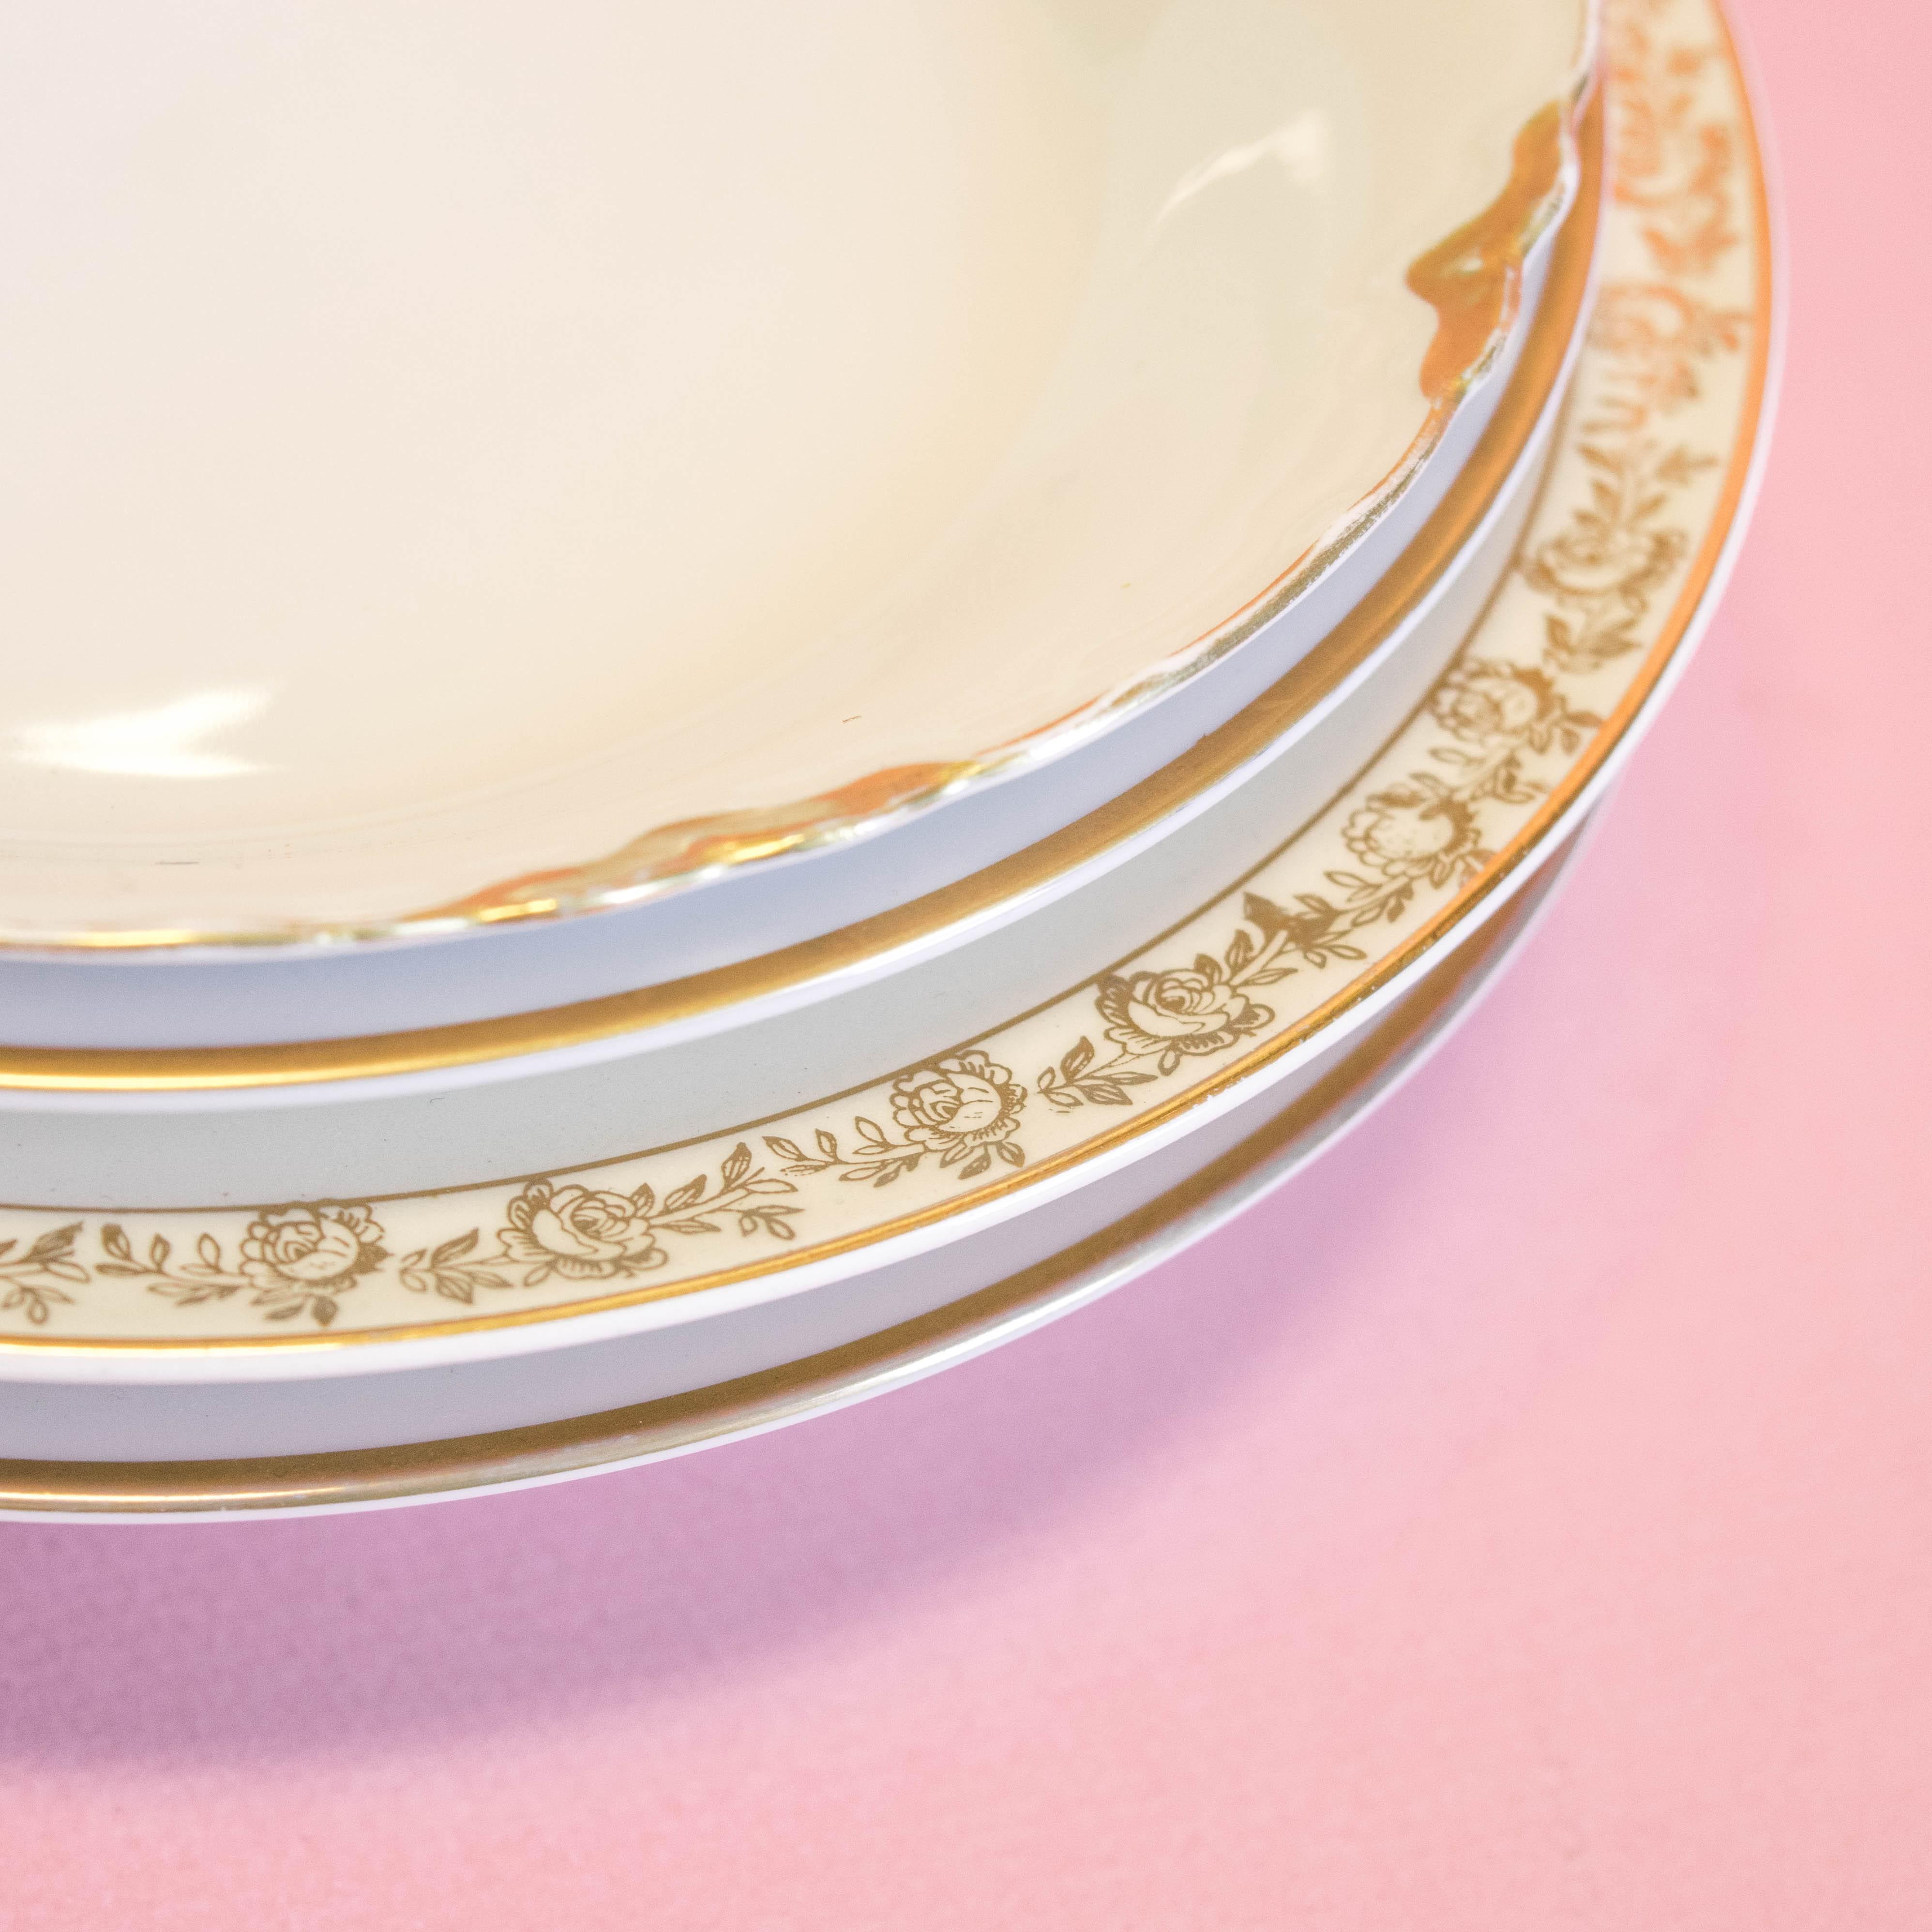 Gold Soup Bowls